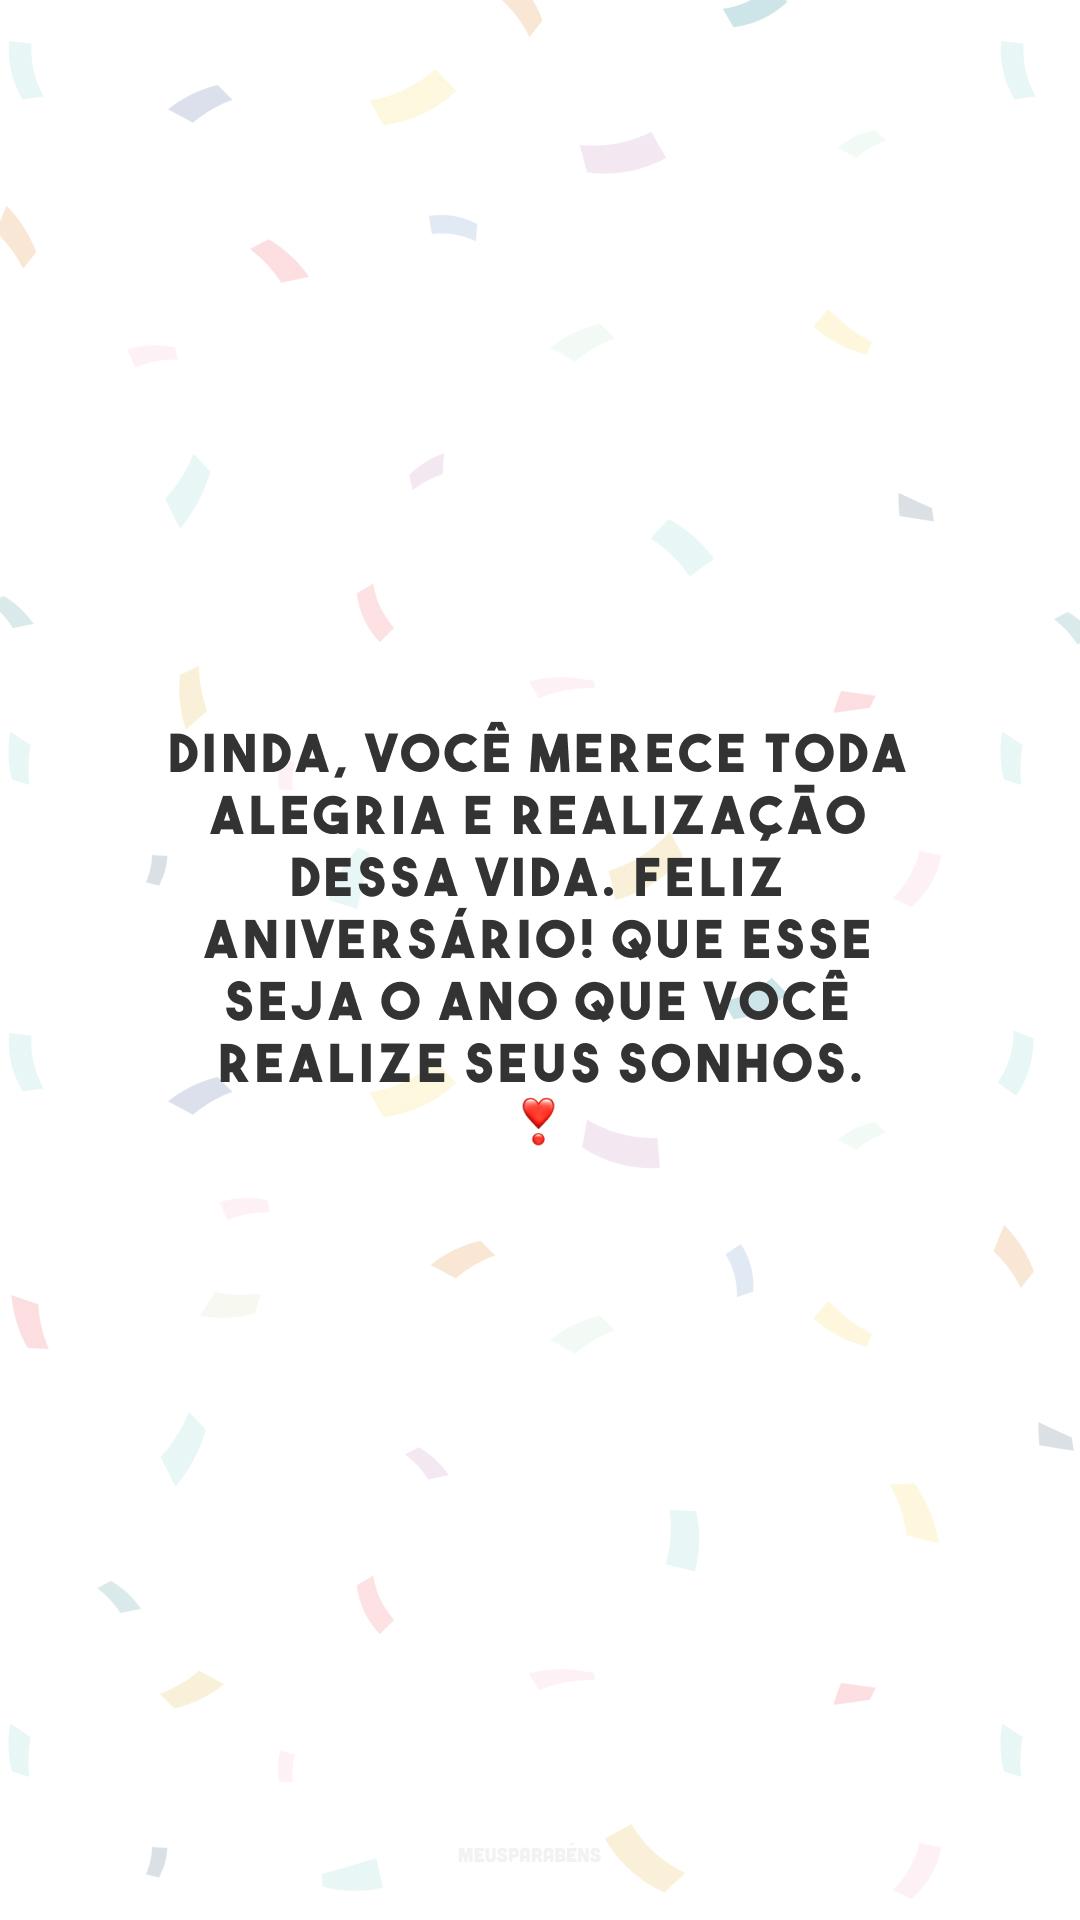 Dinda, você merece toda alegria e realização dessa vida. Feliz aniversário! Que esse seja o ano que você realize seus sonhos. ❣️